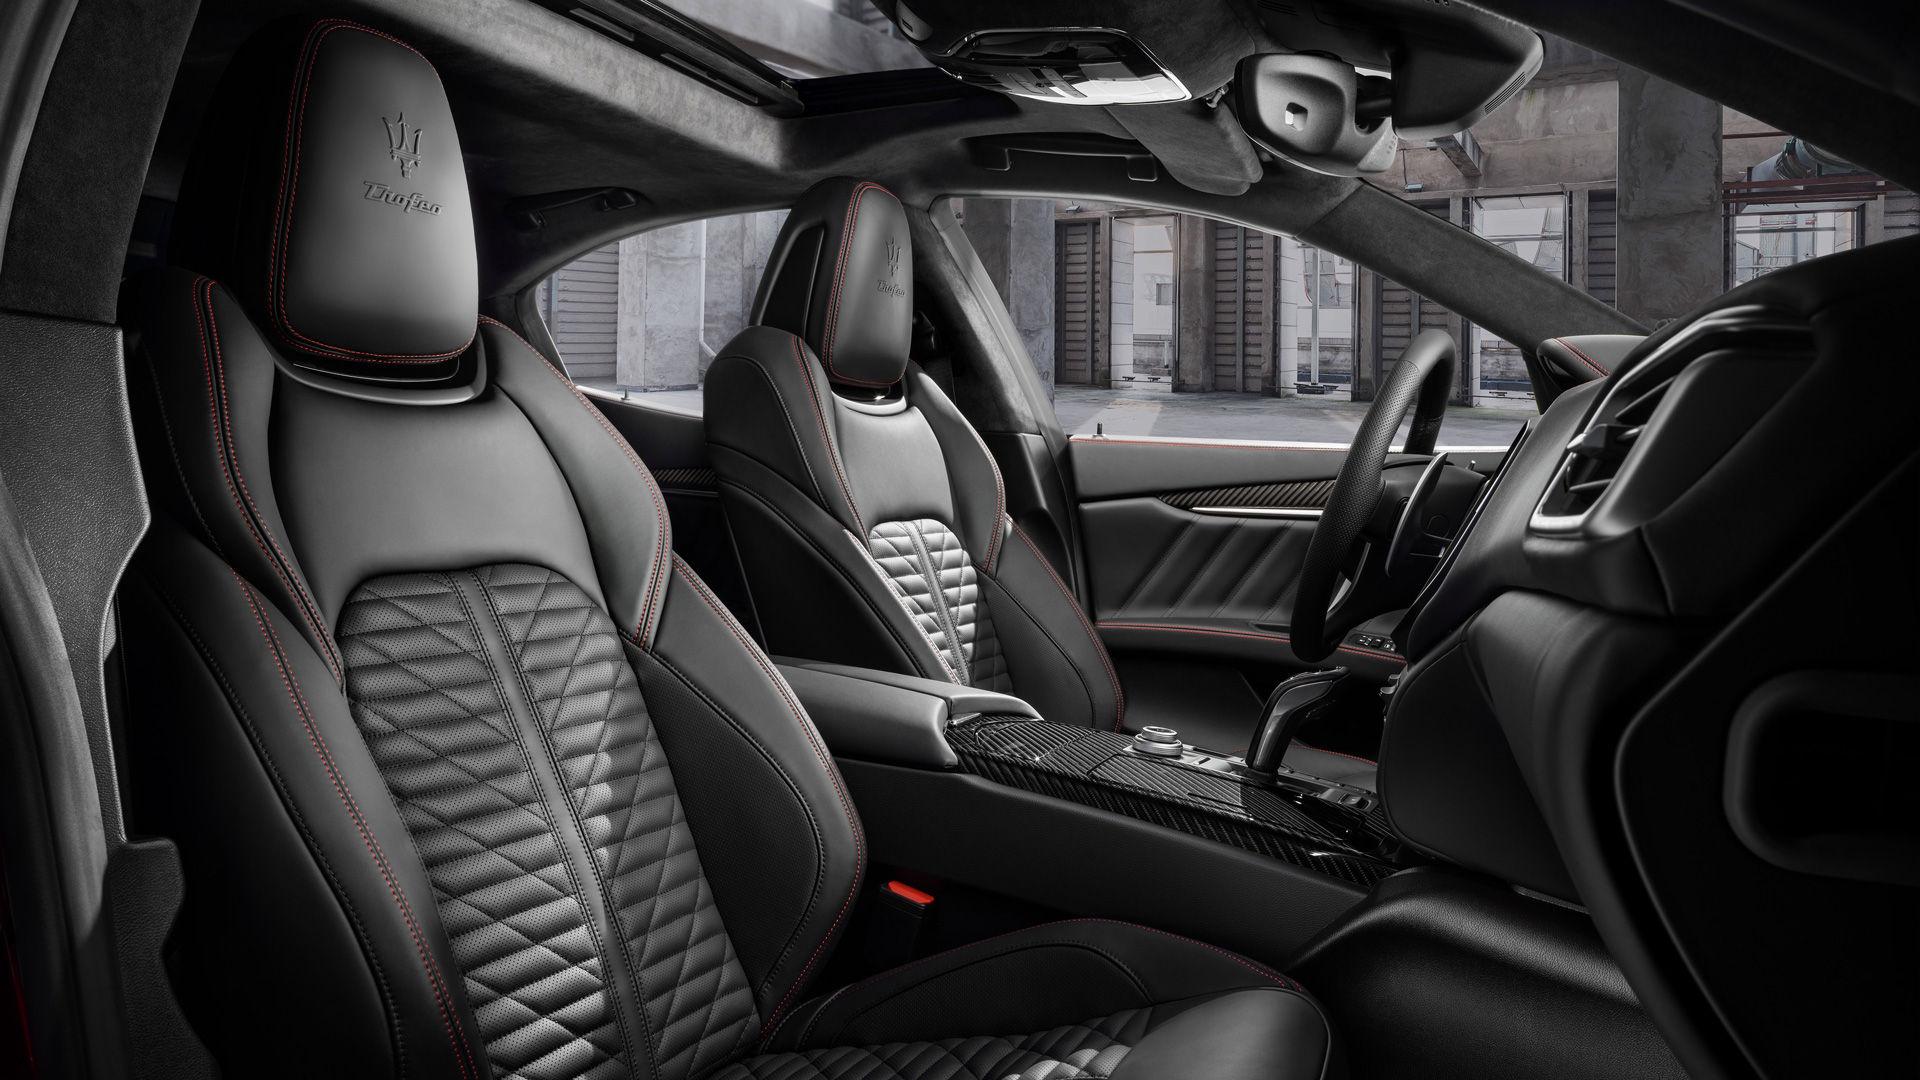 Maserati Ghibli Trofeo Interieur und schwarze Ledersitze